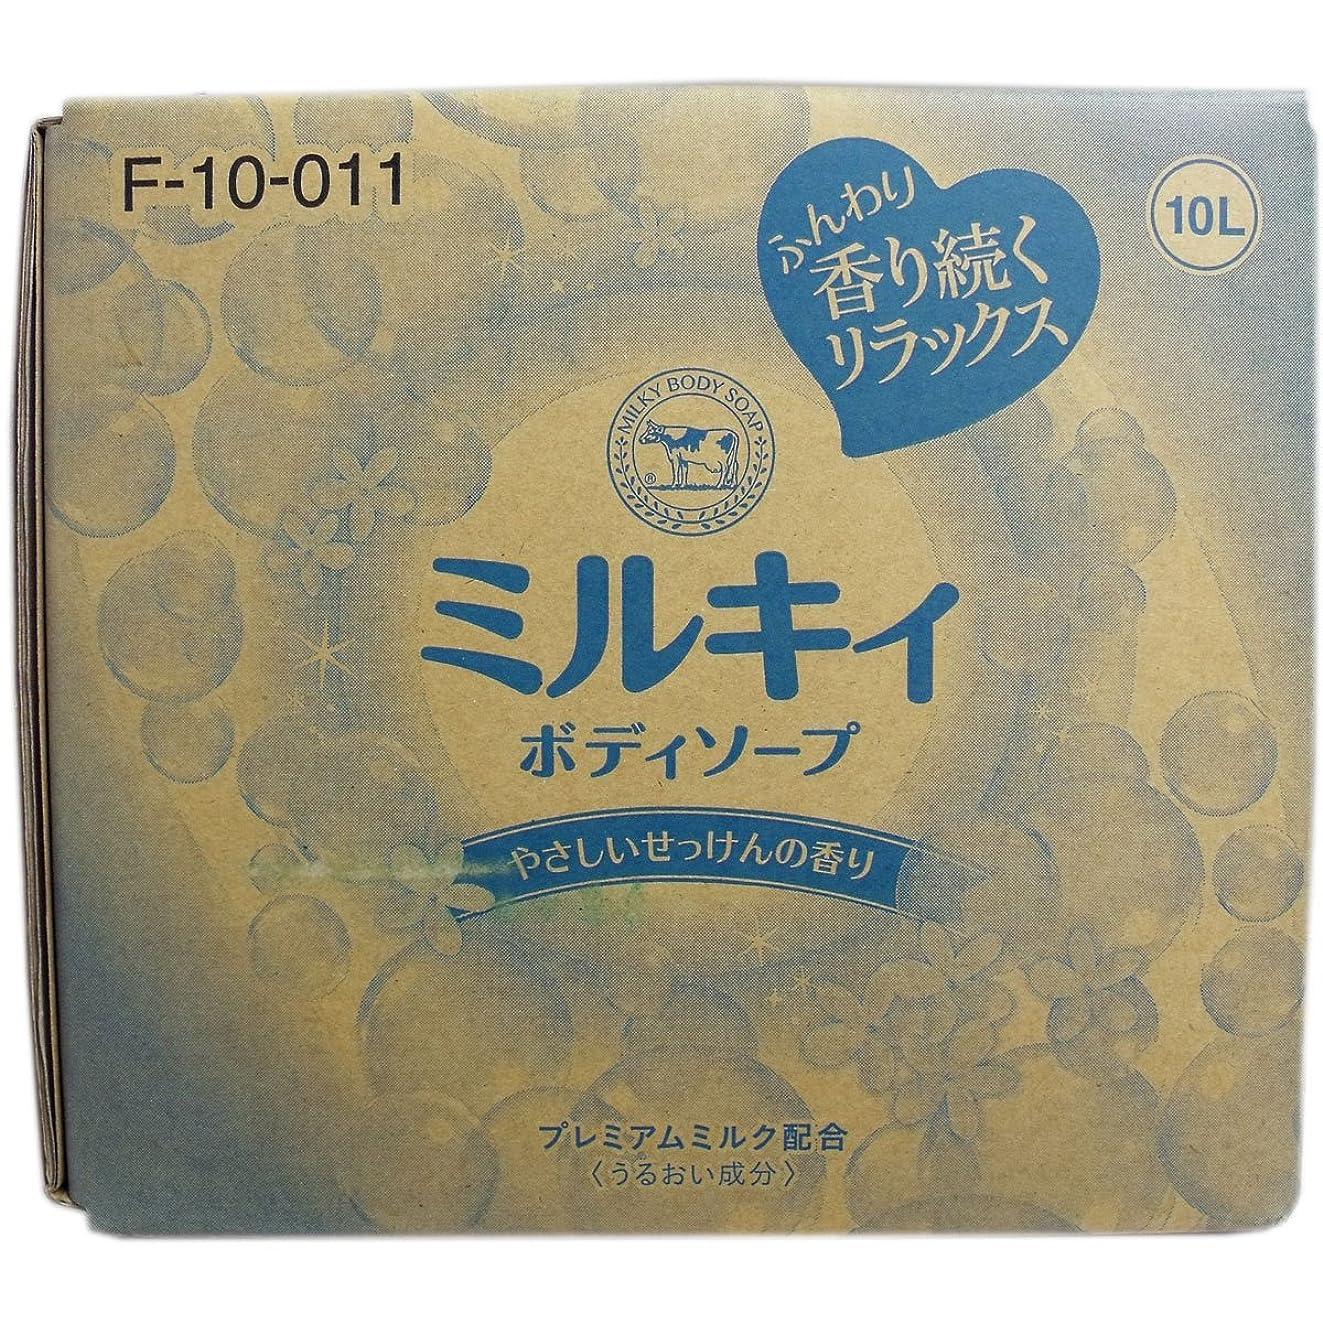 とエンディングジョリー業務用ボディーソープ【牛乳石鹸 ミルキィボディソープ やさしいせっけんの香り 10L】